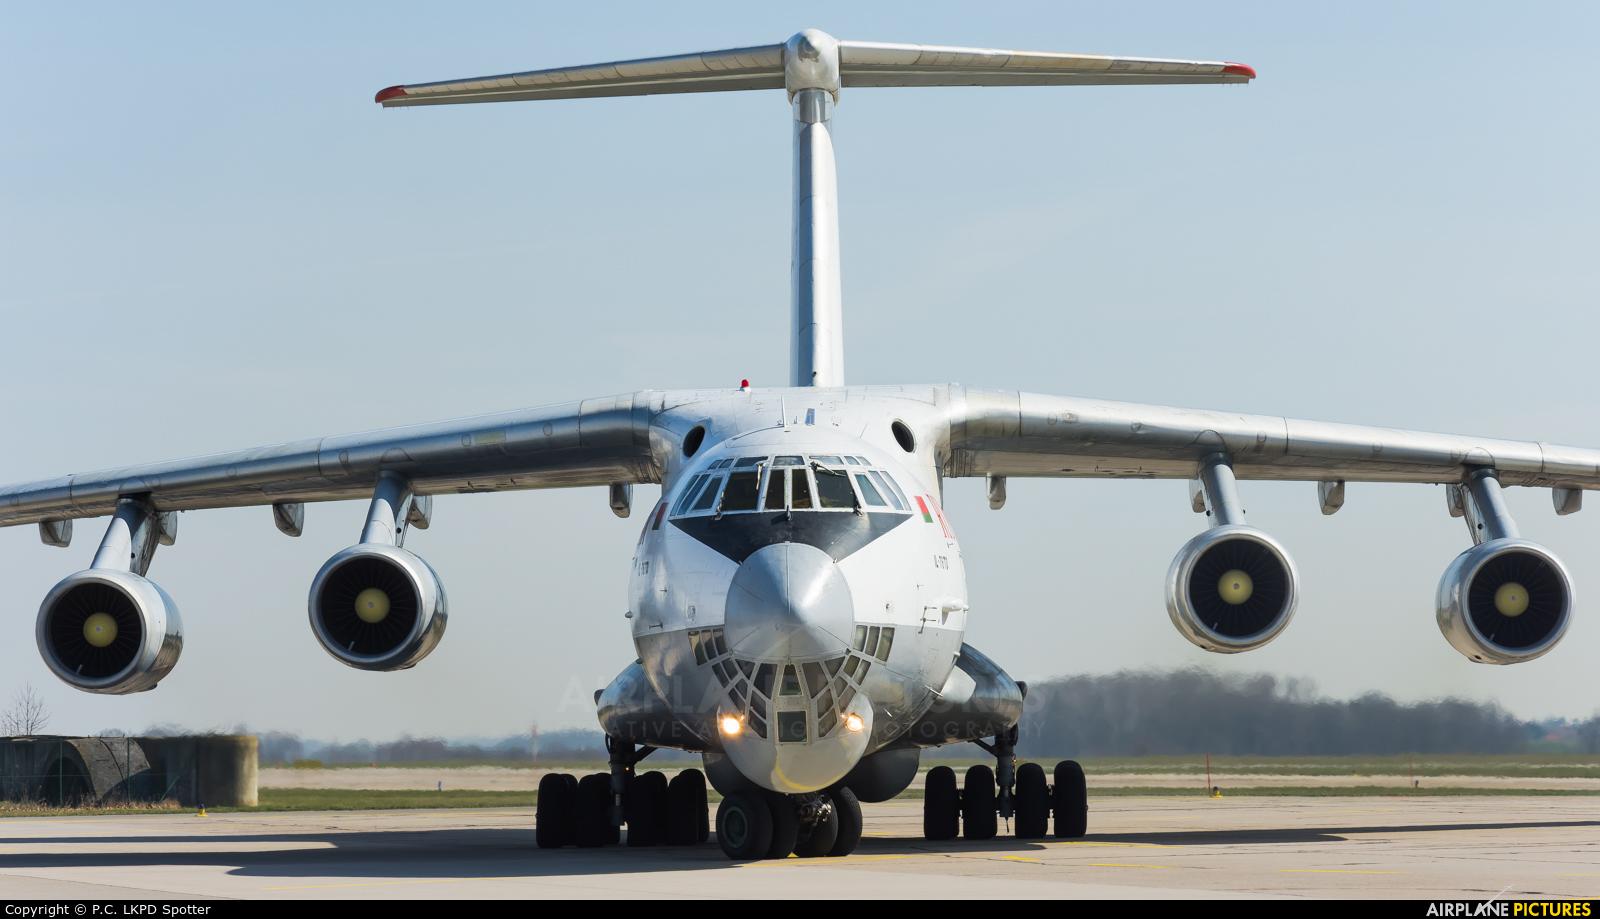 Ruby Star Air Enterprise EW-412TH aircraft at Pardubice